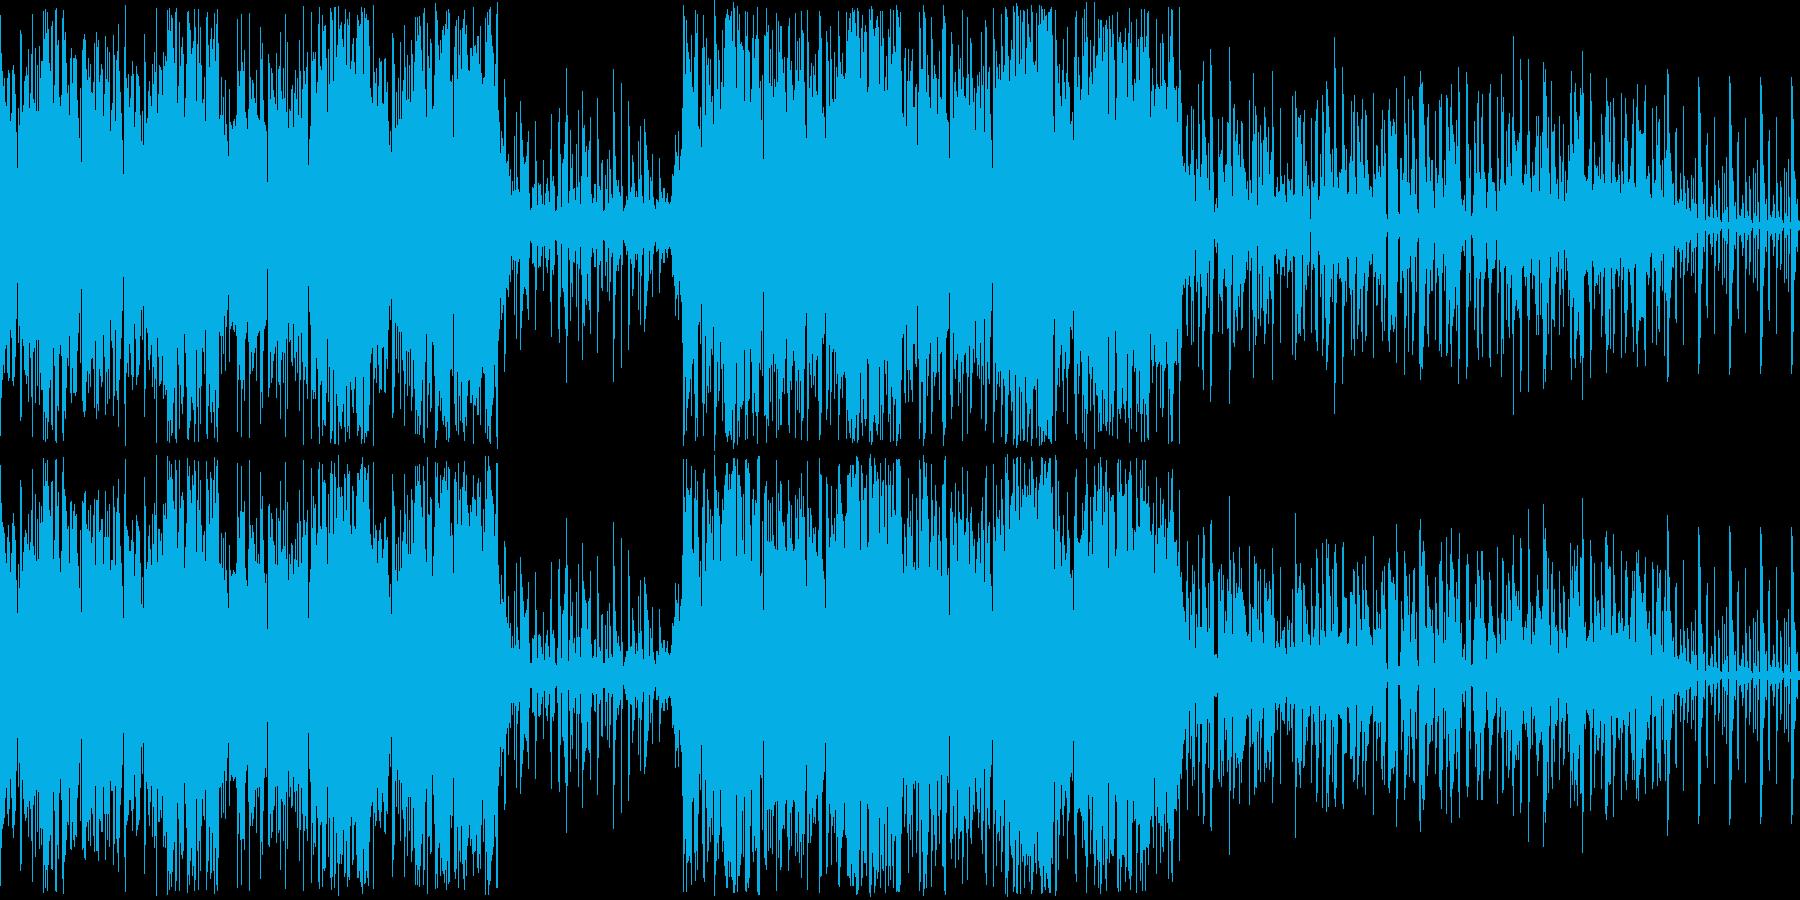 ループ再生素材です。ジャンルはドラムン…の再生済みの波形